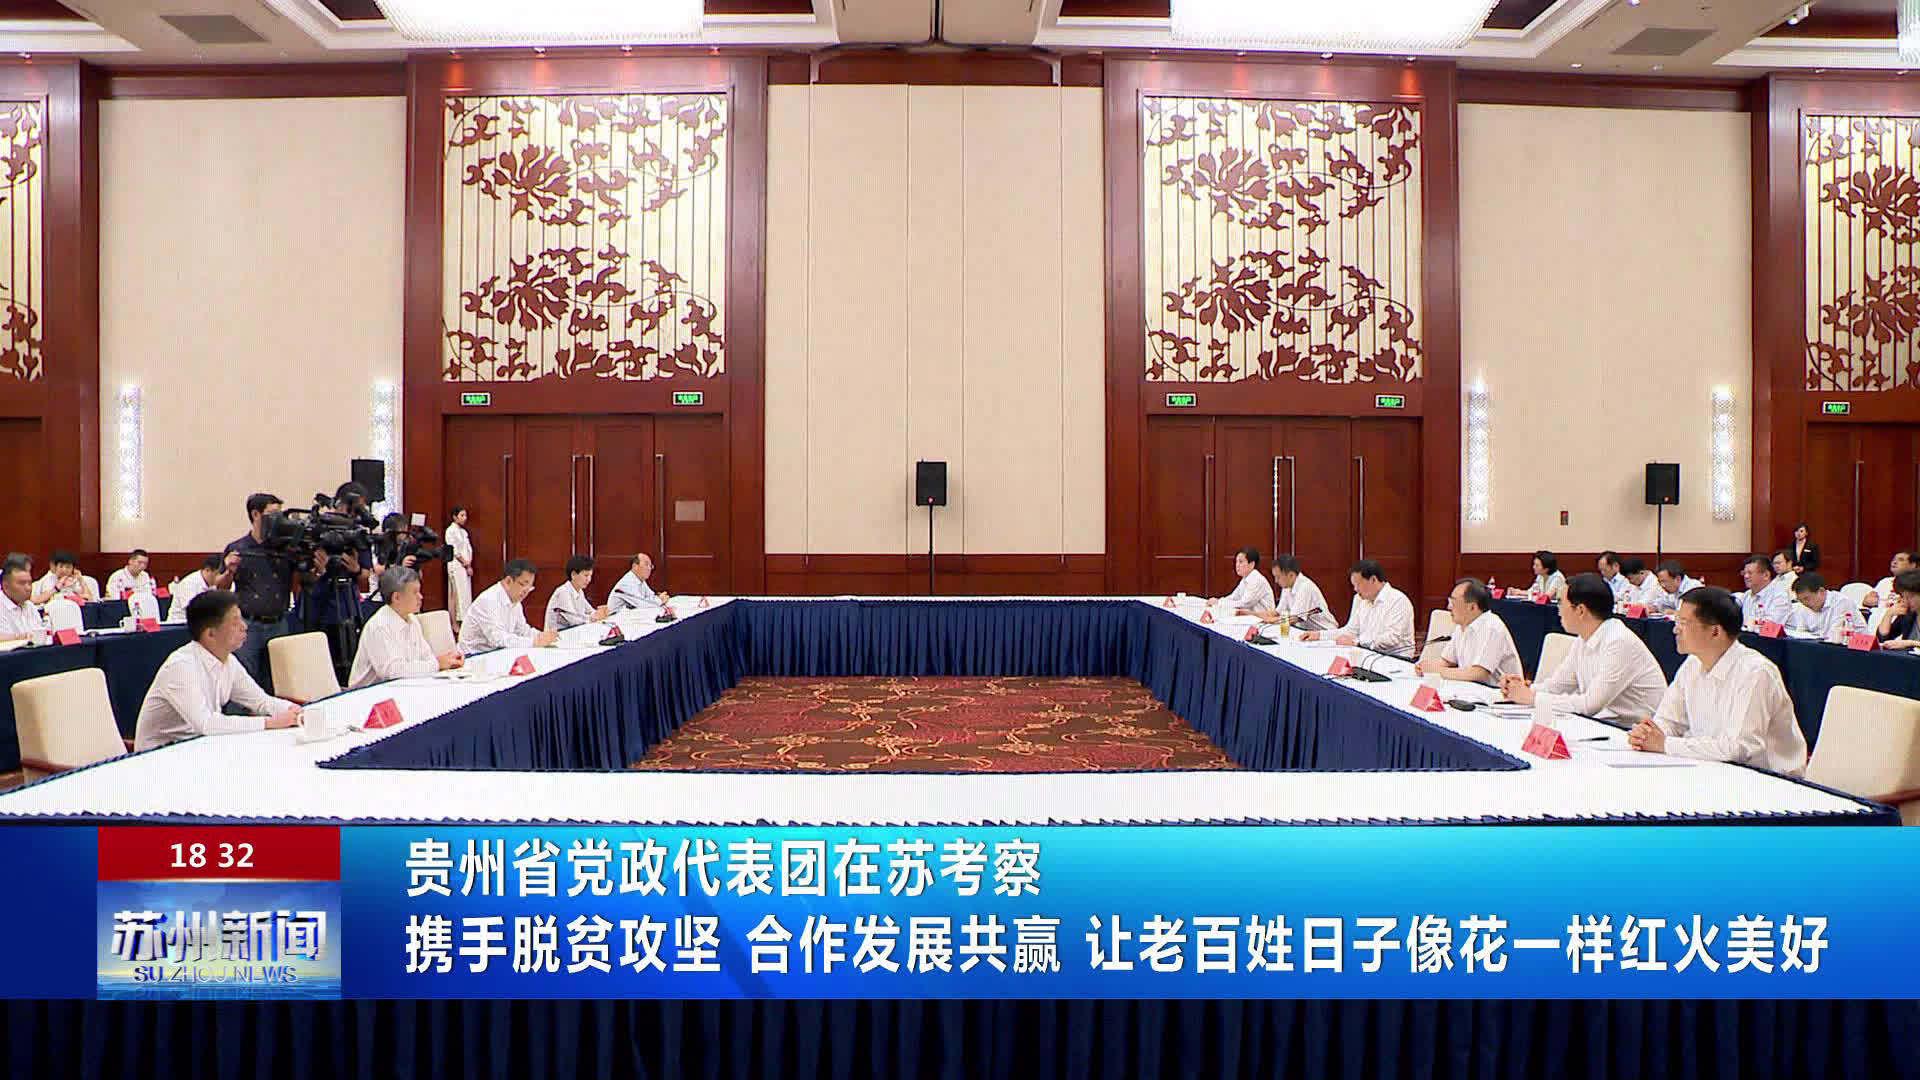 贵州省党政代表团在苏考察 携手脱贫攻坚 合作发展共赢 让老百姓日子